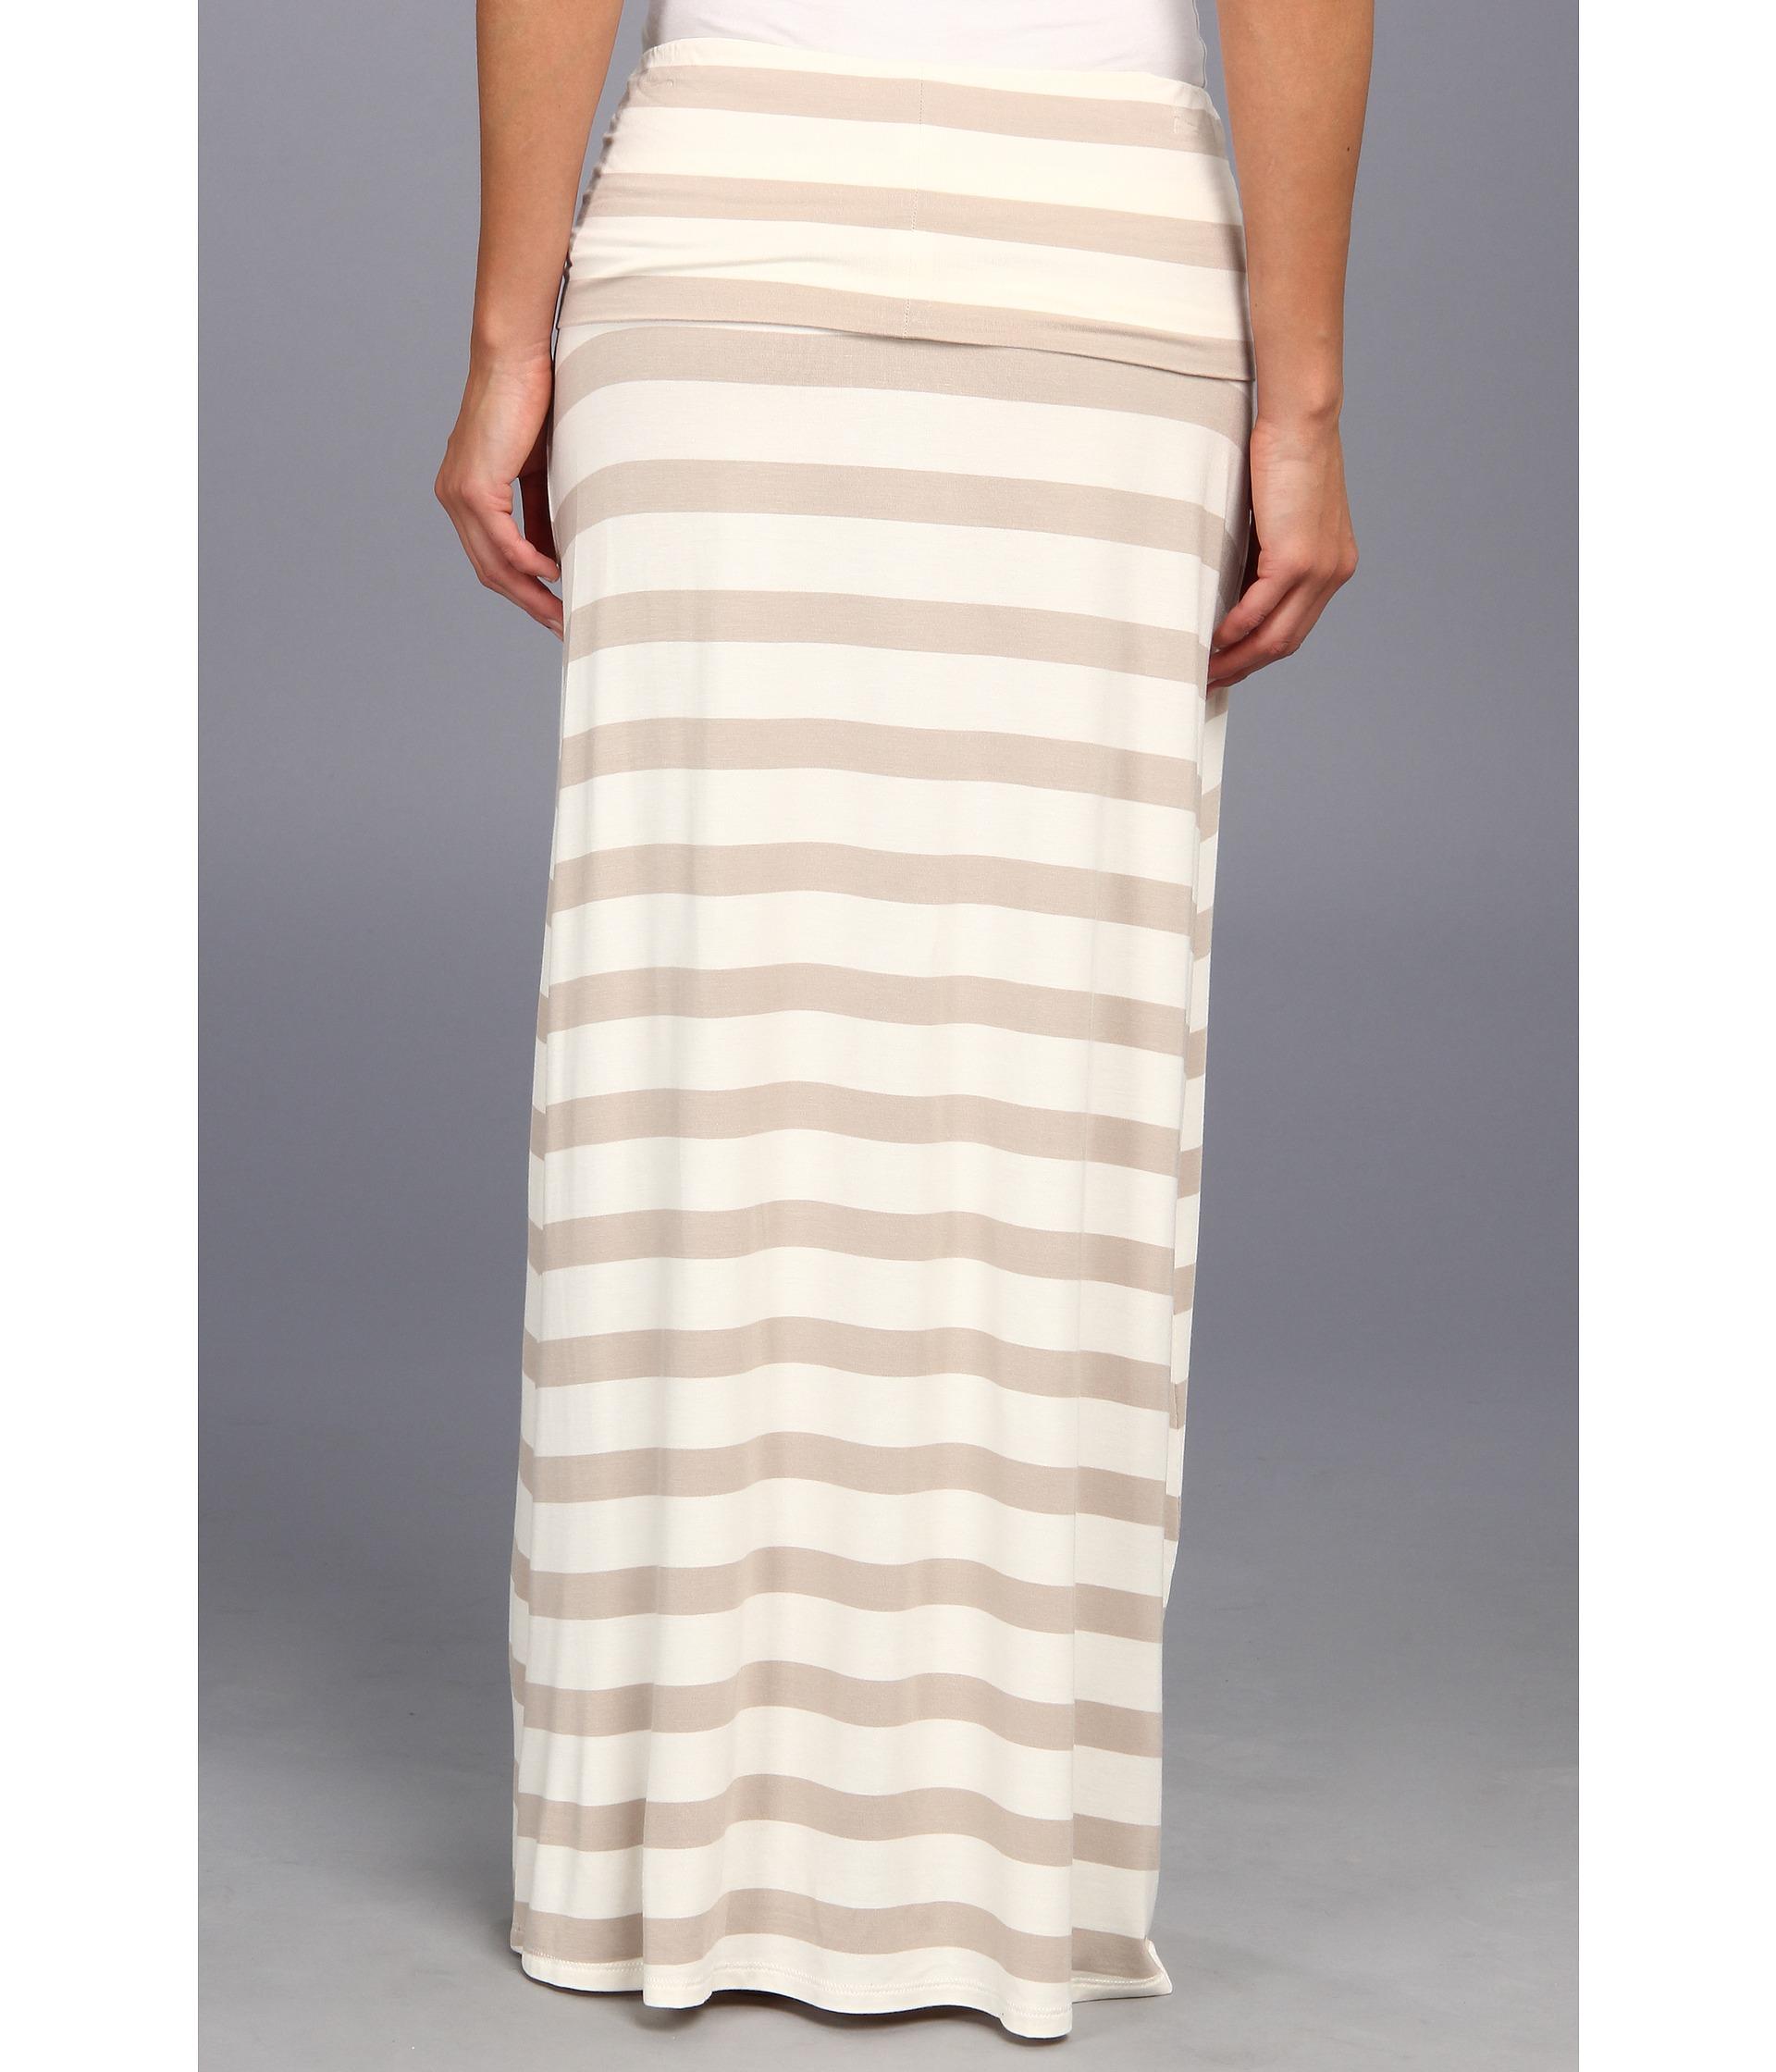 calvin klein thick stripe maxi skirt white latte shipped